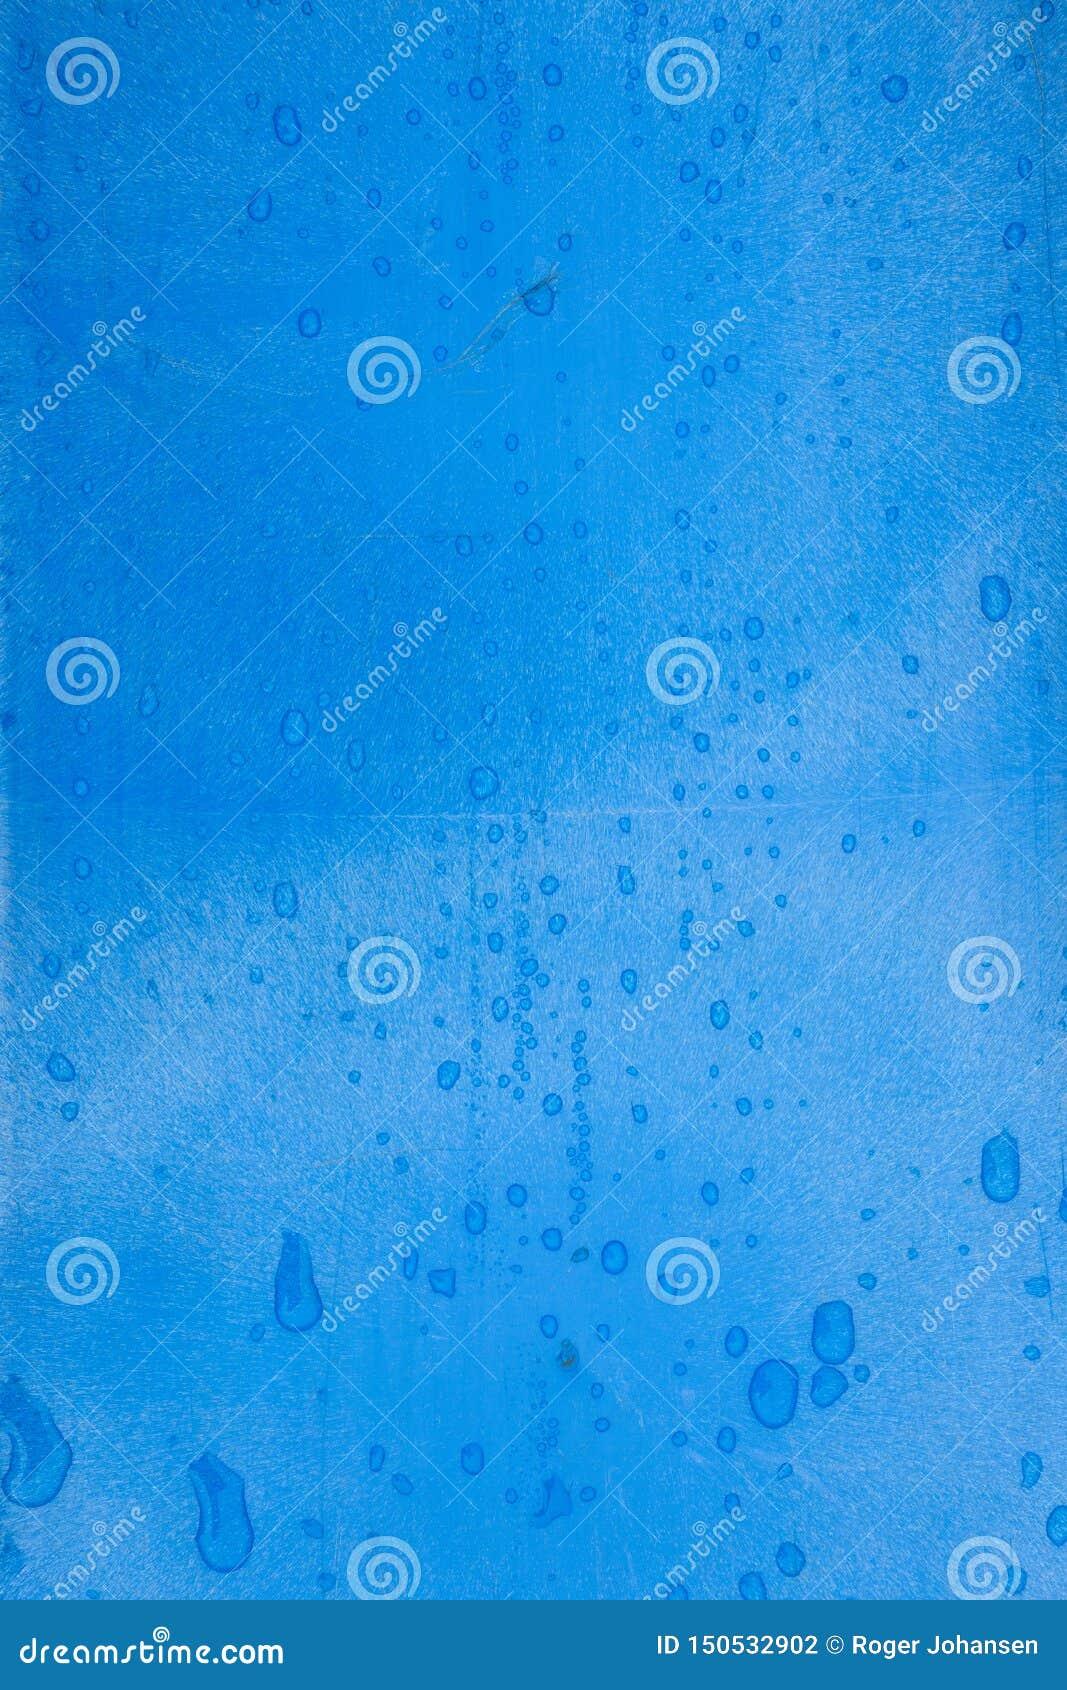 Μπλε πλαστική σύσταση με τις σταγόνες βροχής